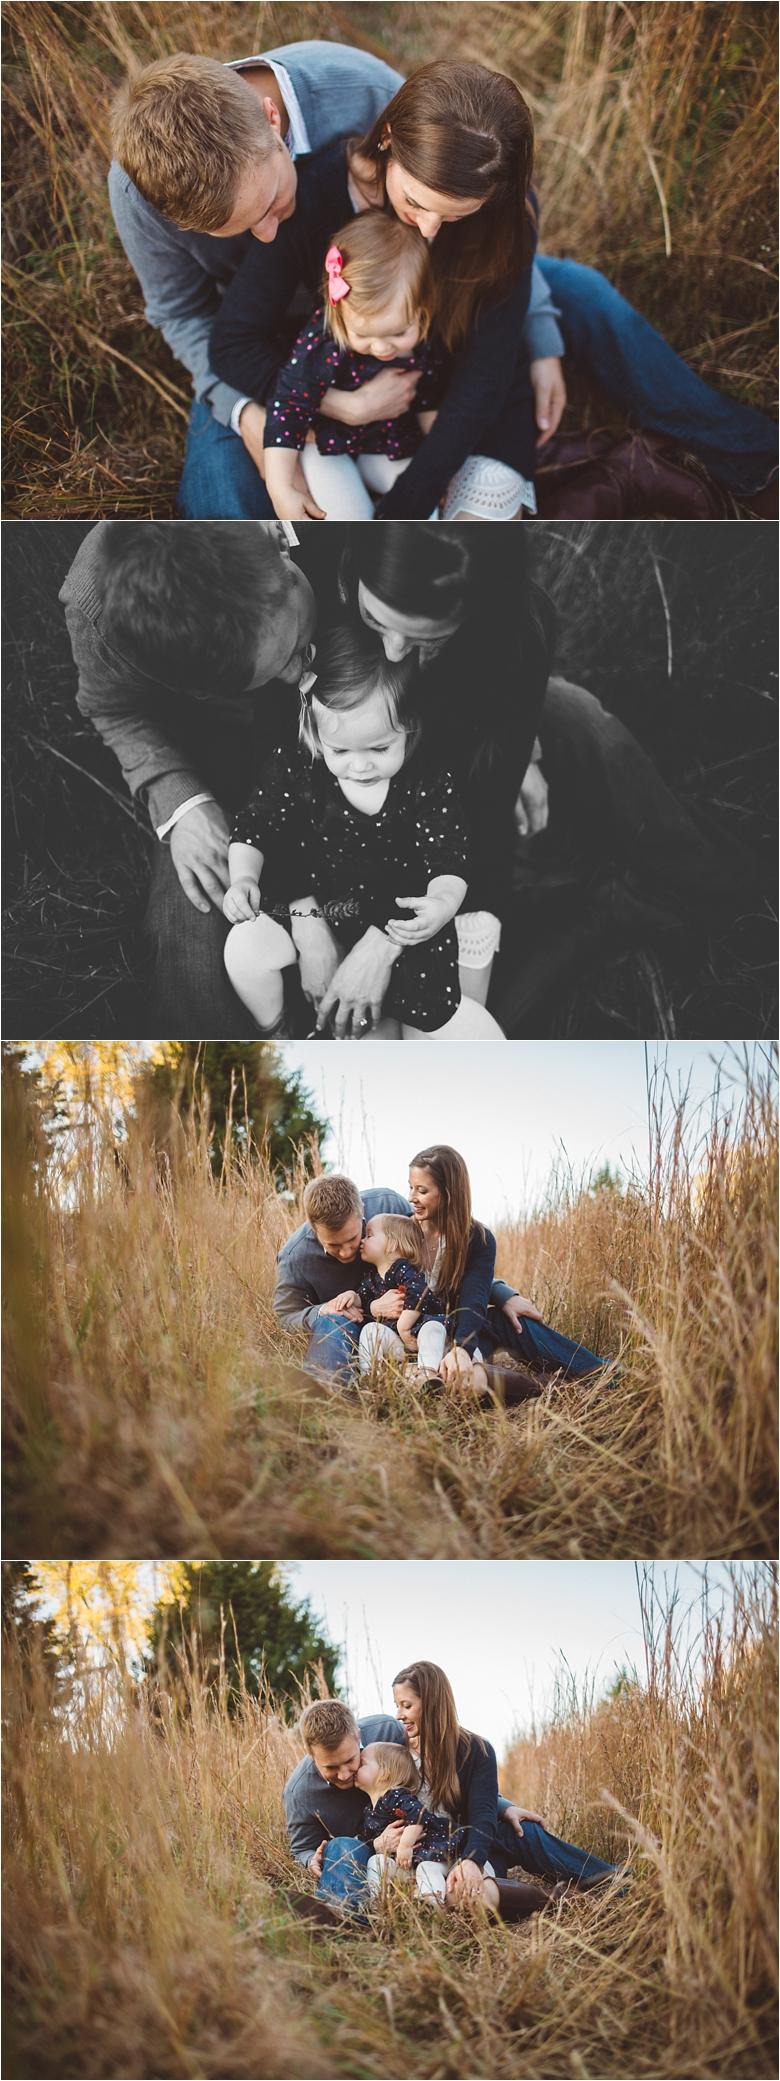 kansascitysbestfamilyphotographer_0017